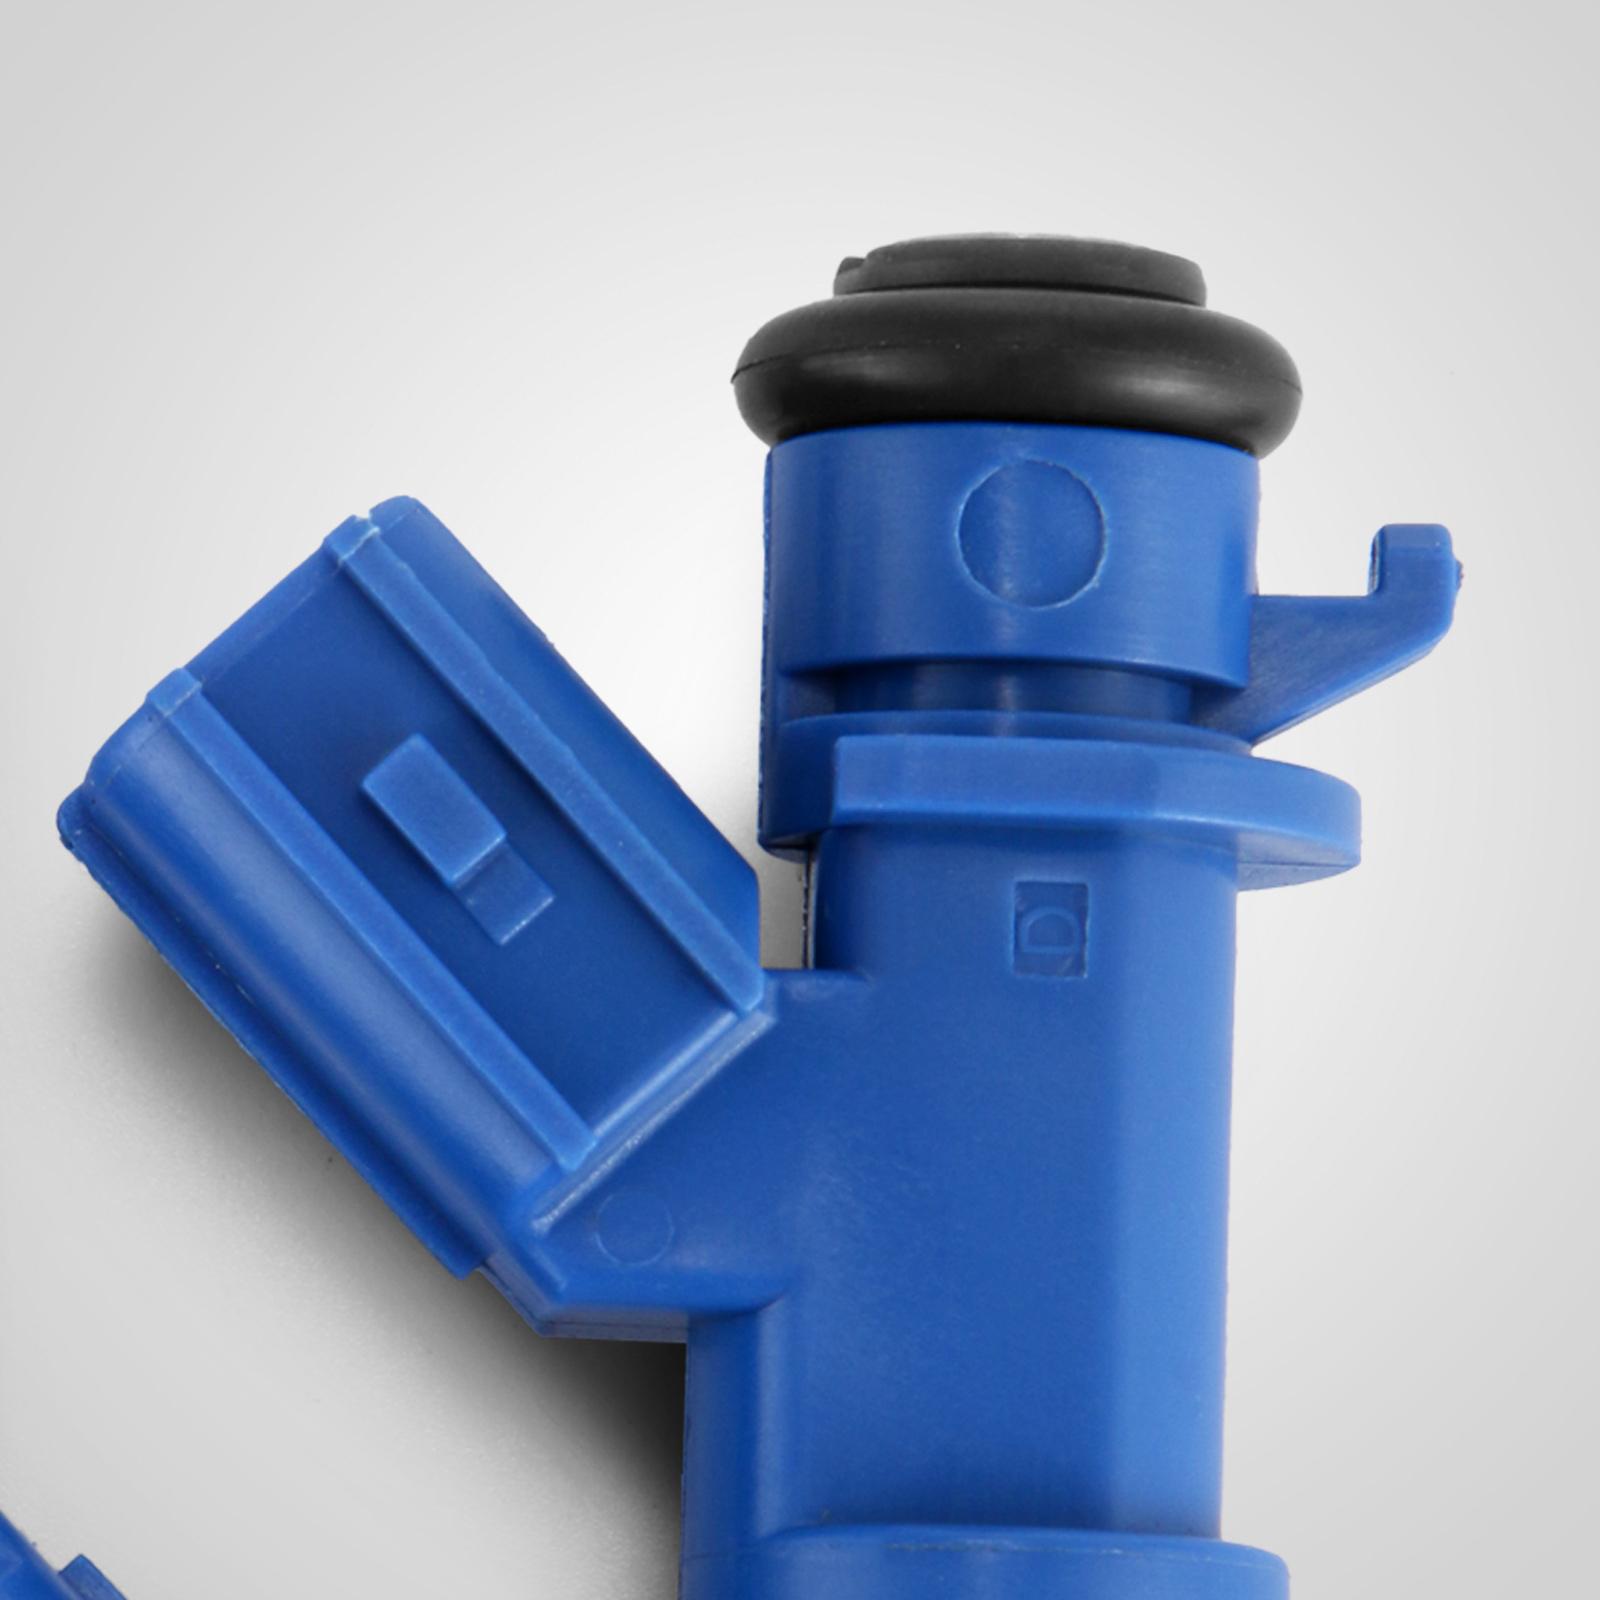 For Honda Acura RDX Denso Injector 410cc B16 B18 K20 K24